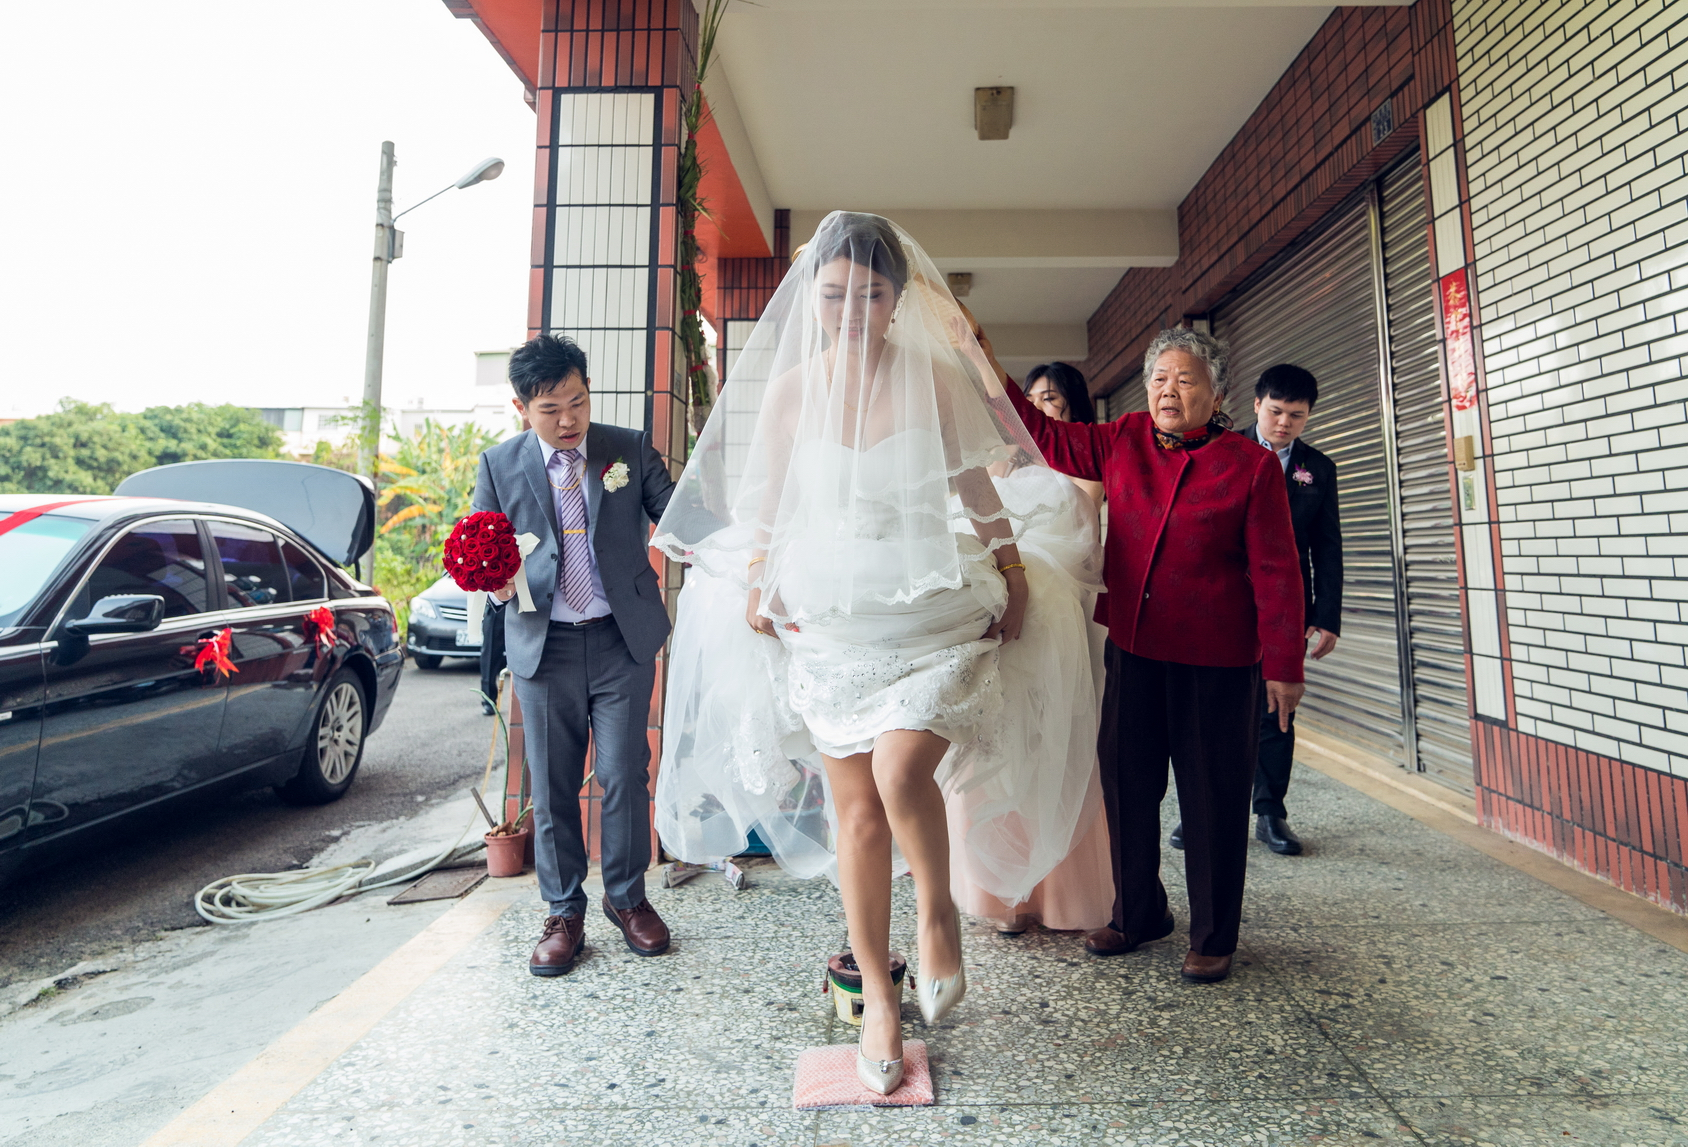 【比堤婚紗.婚禮紀錄】順建 ♥ 婷婷_52